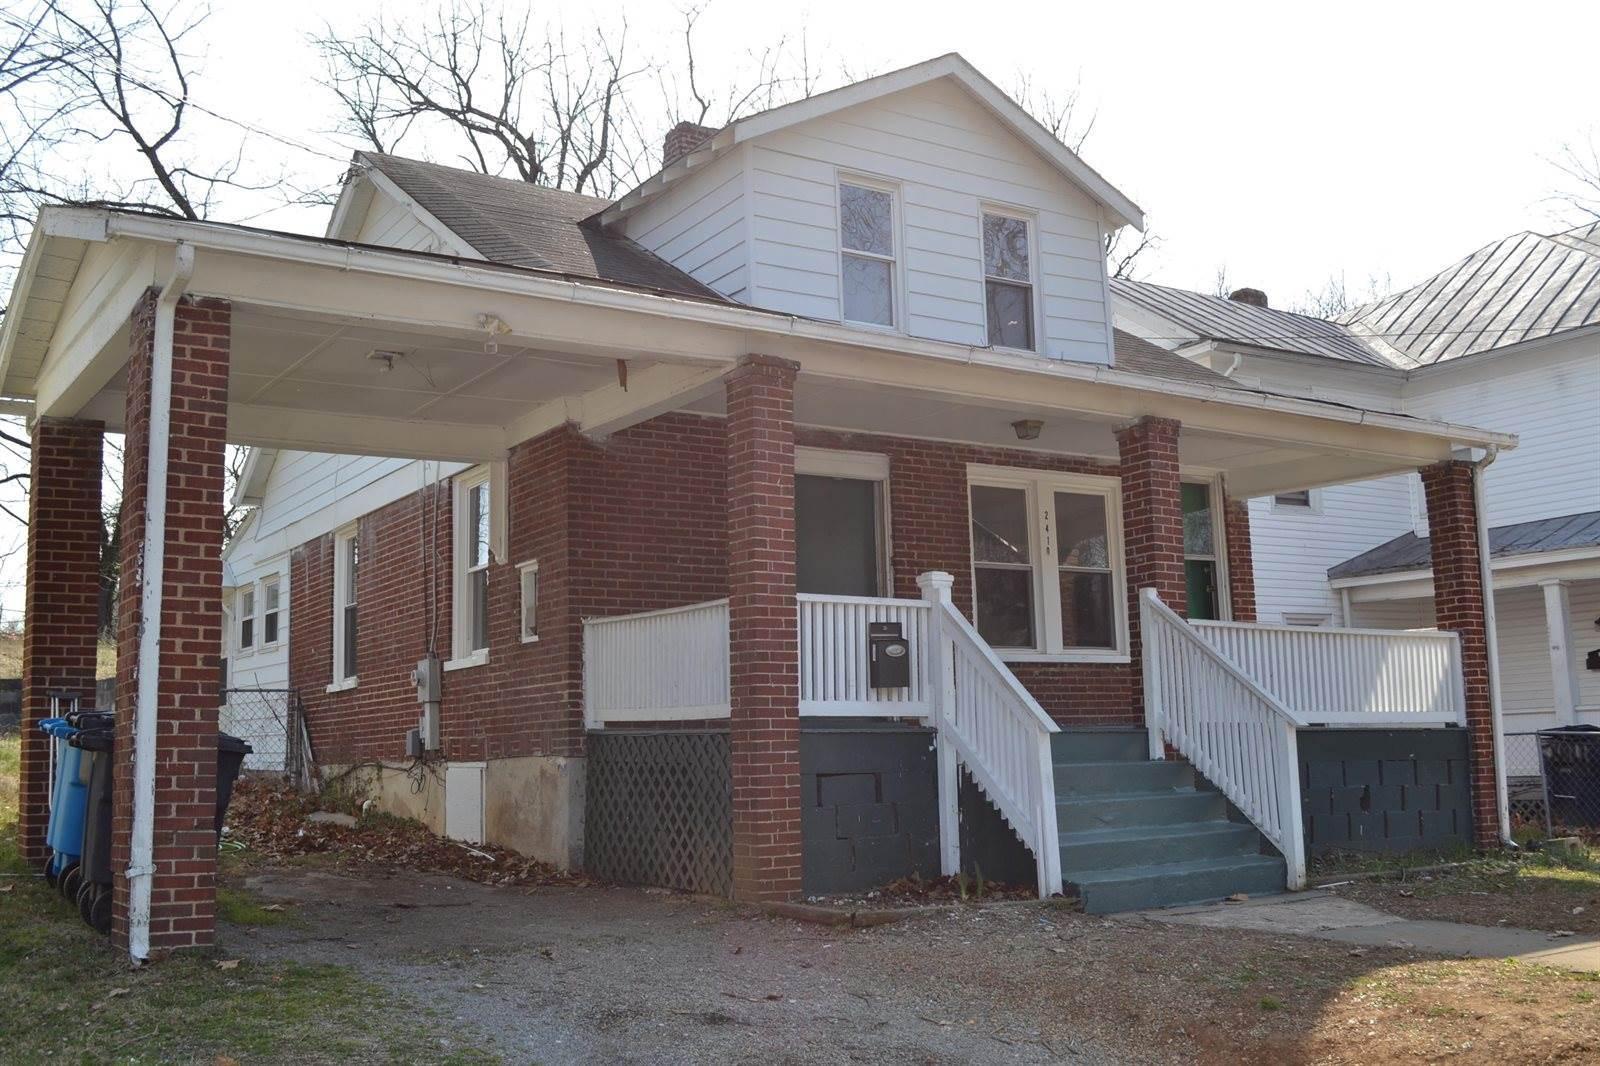 2410 Delaware Ave NW, Roanoke, VA 24017